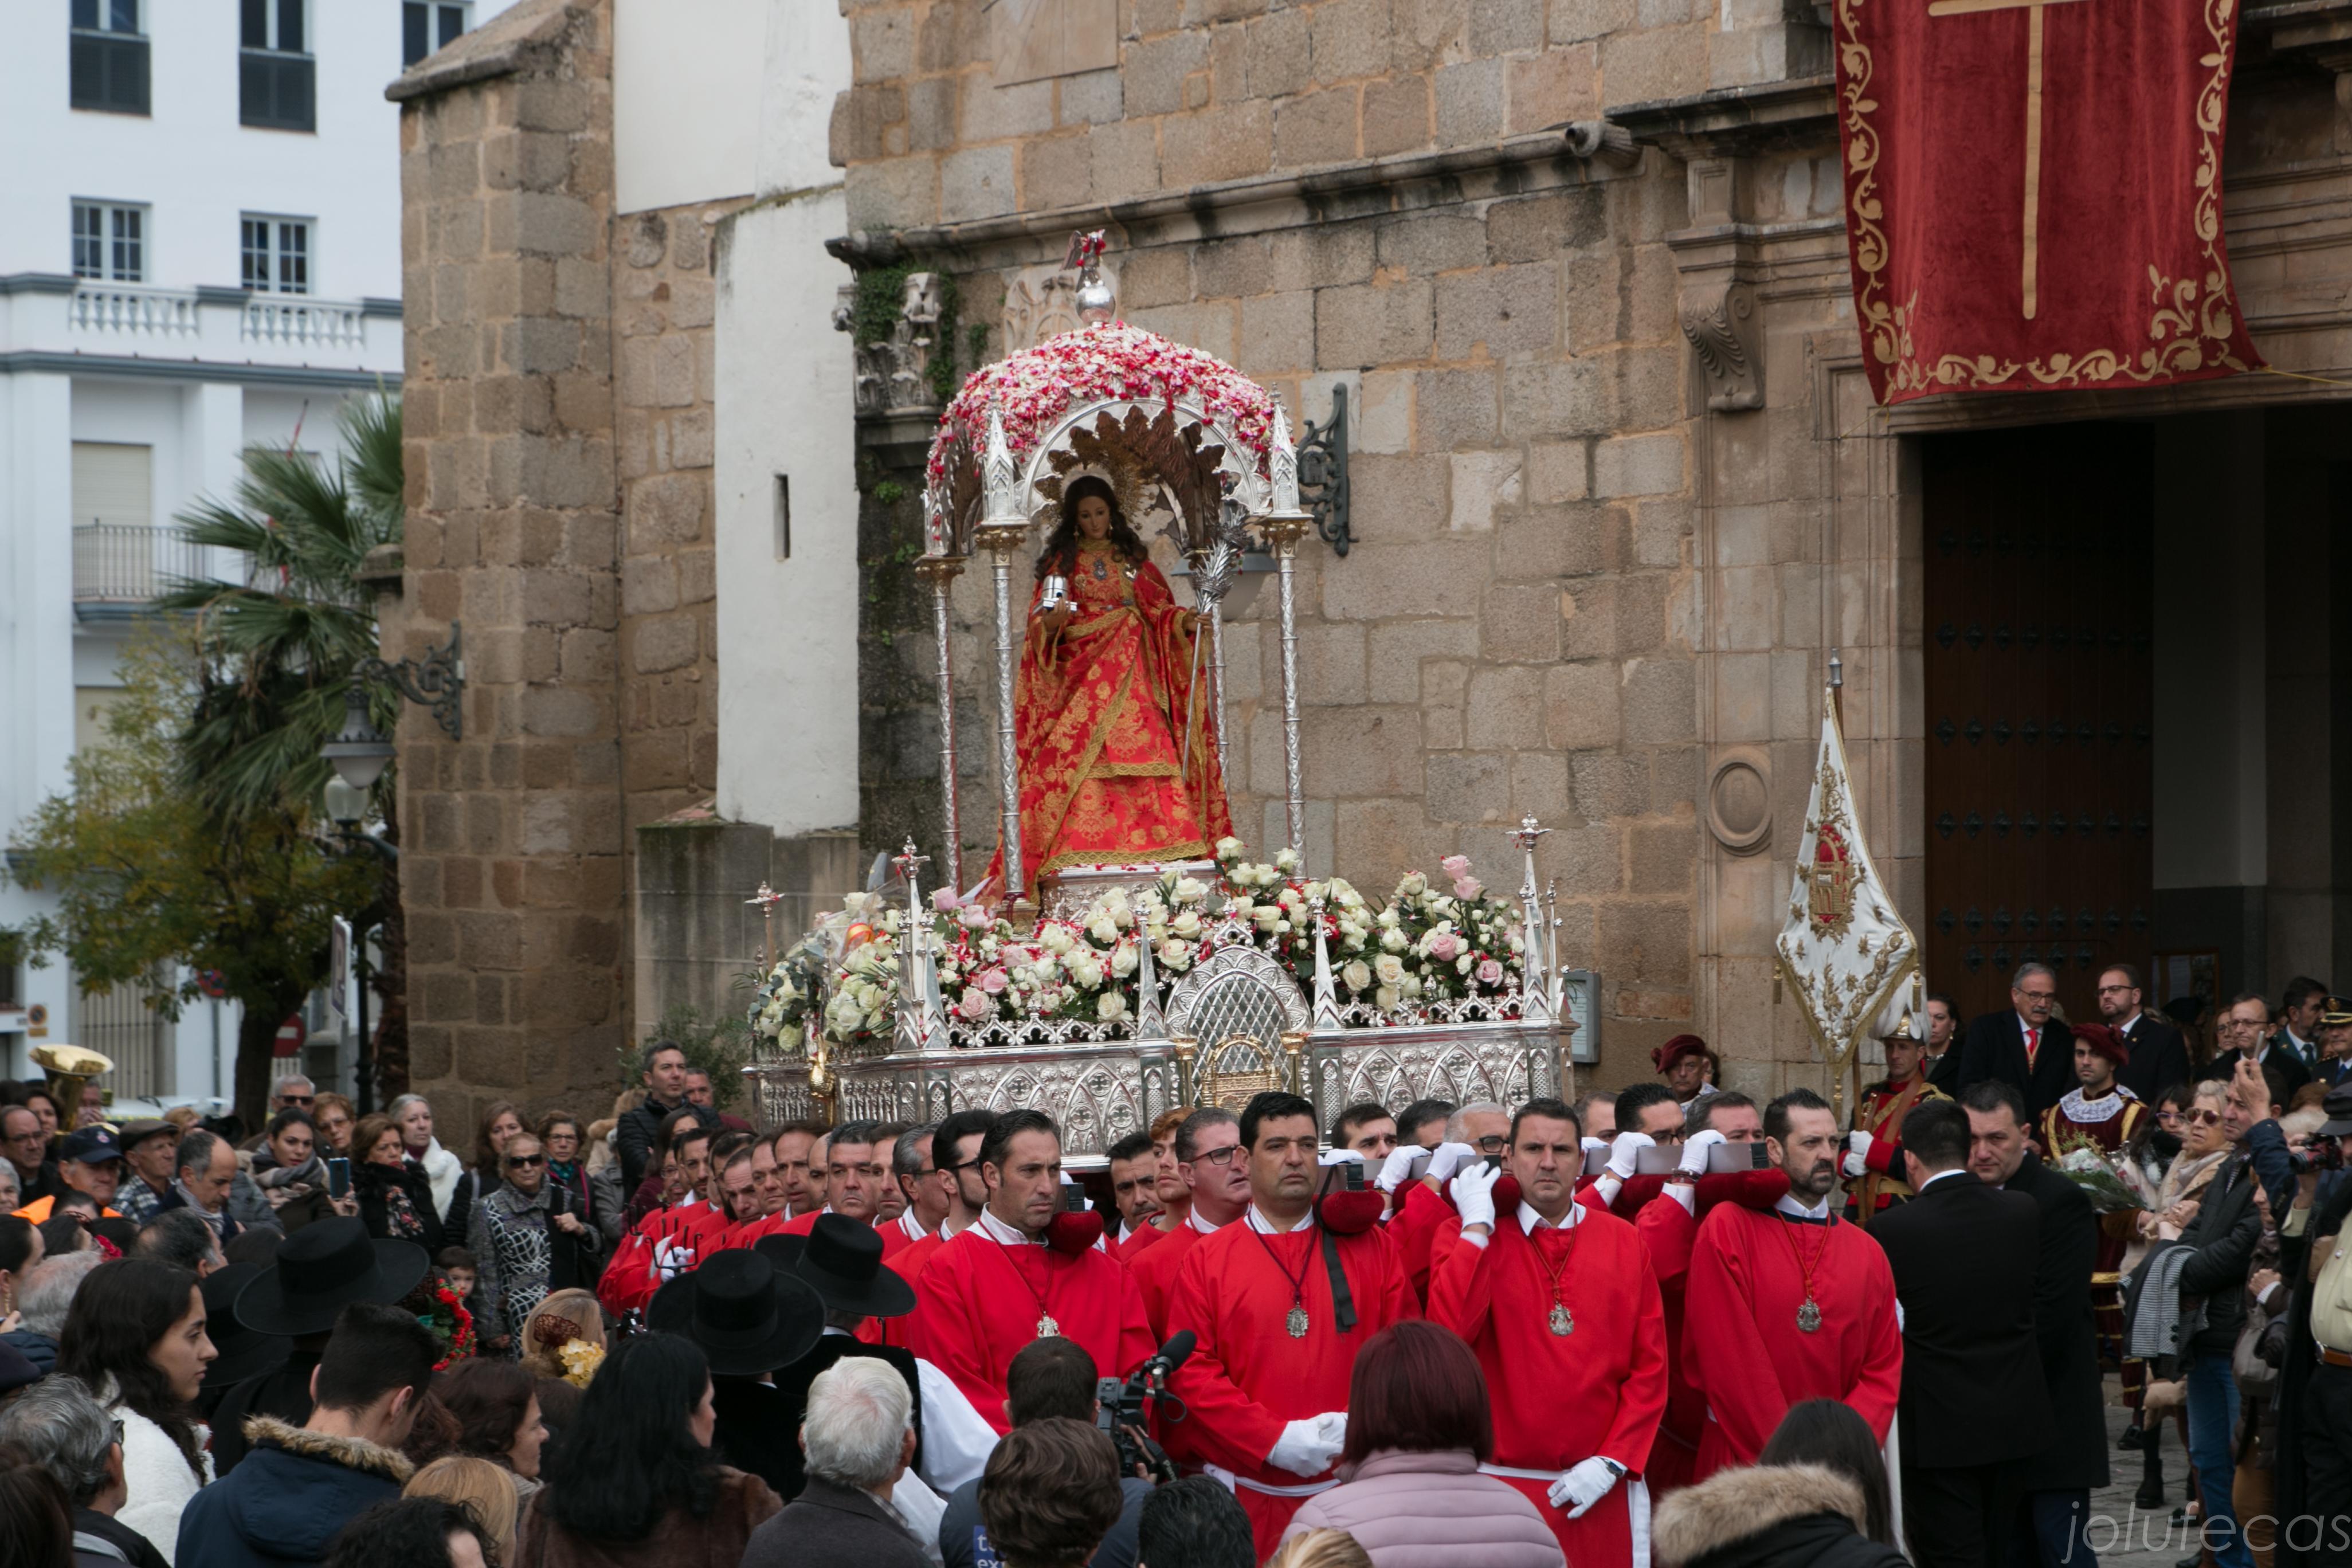 Solemne Procesión Santa Eulalia 10 de diciembre